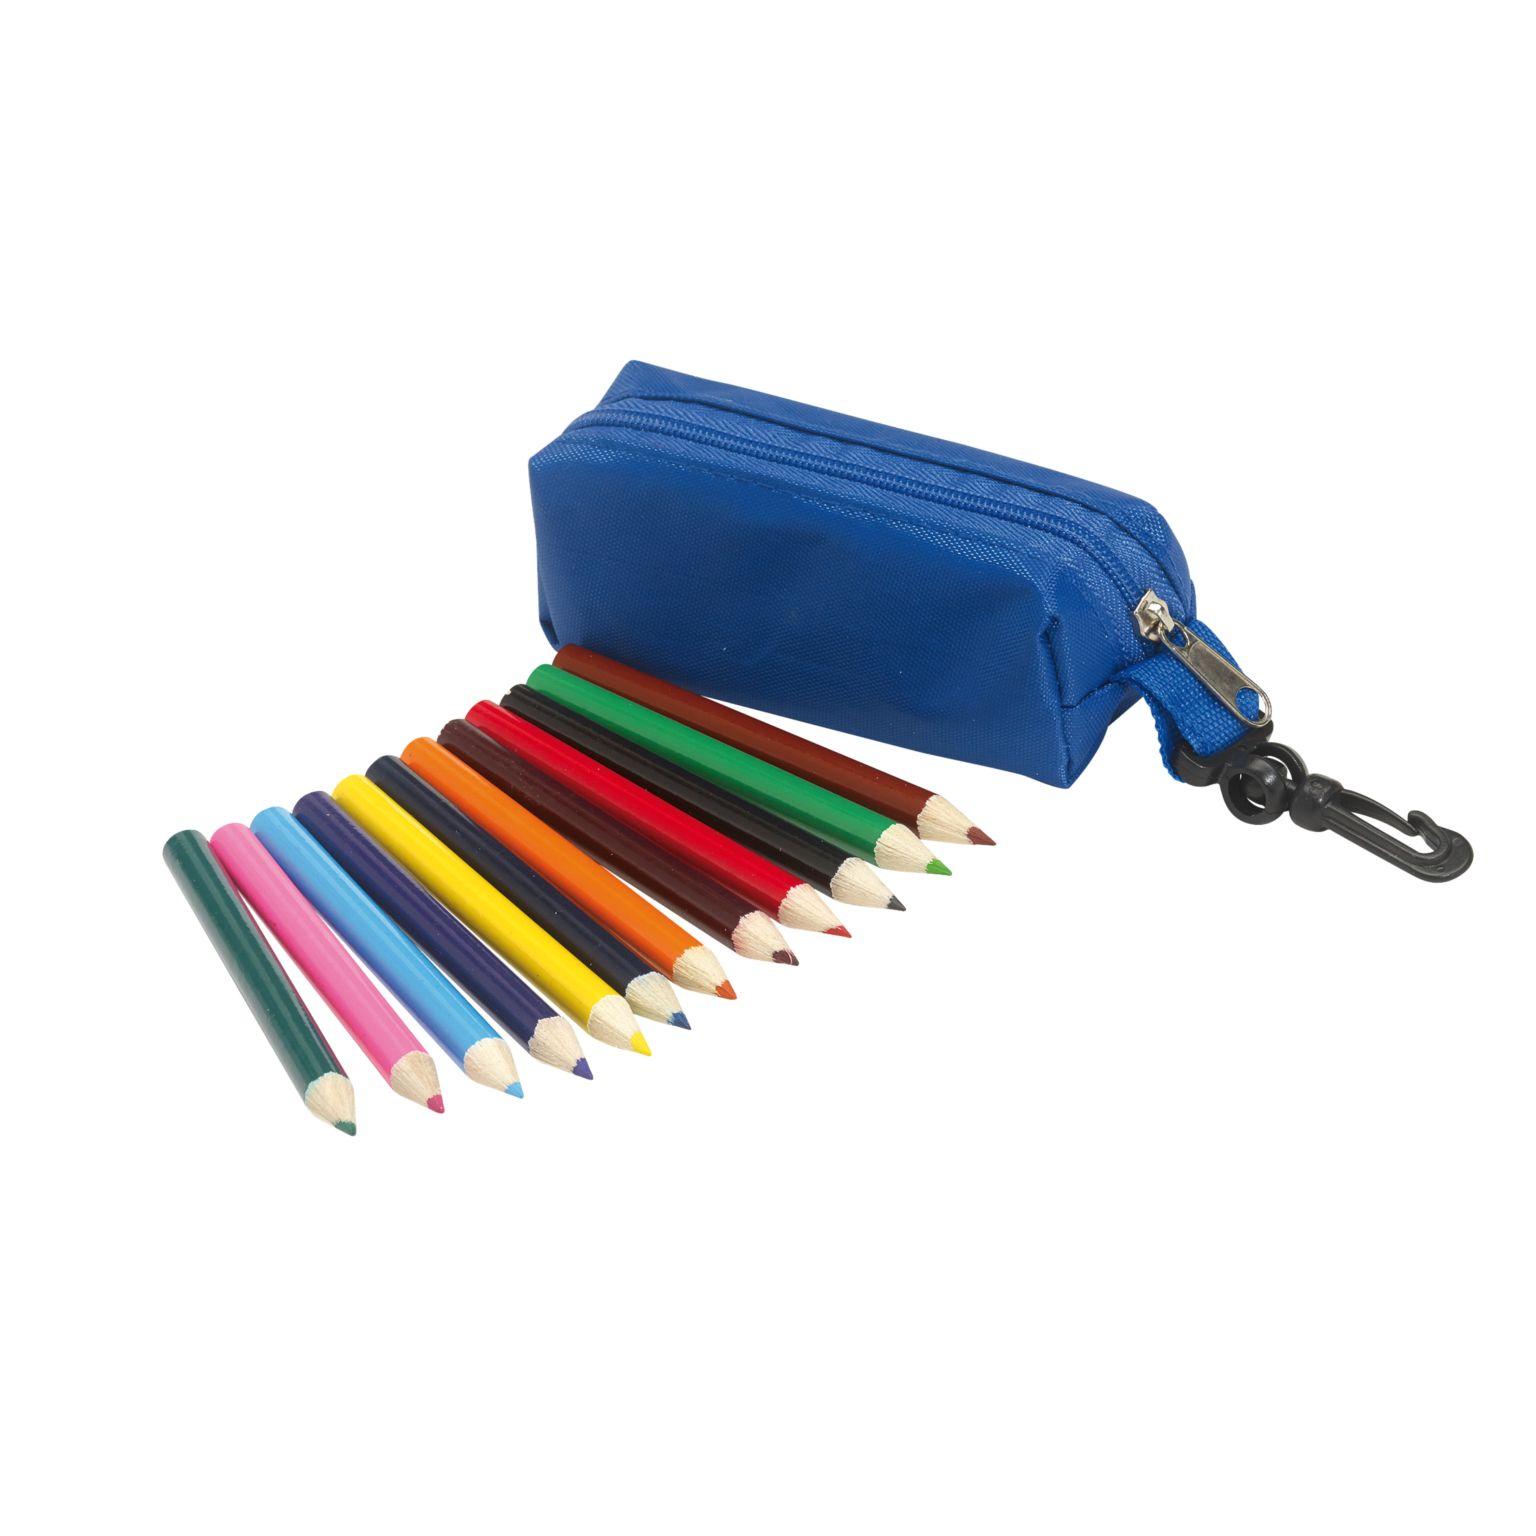 Trousse à crayons SMALL IDEA